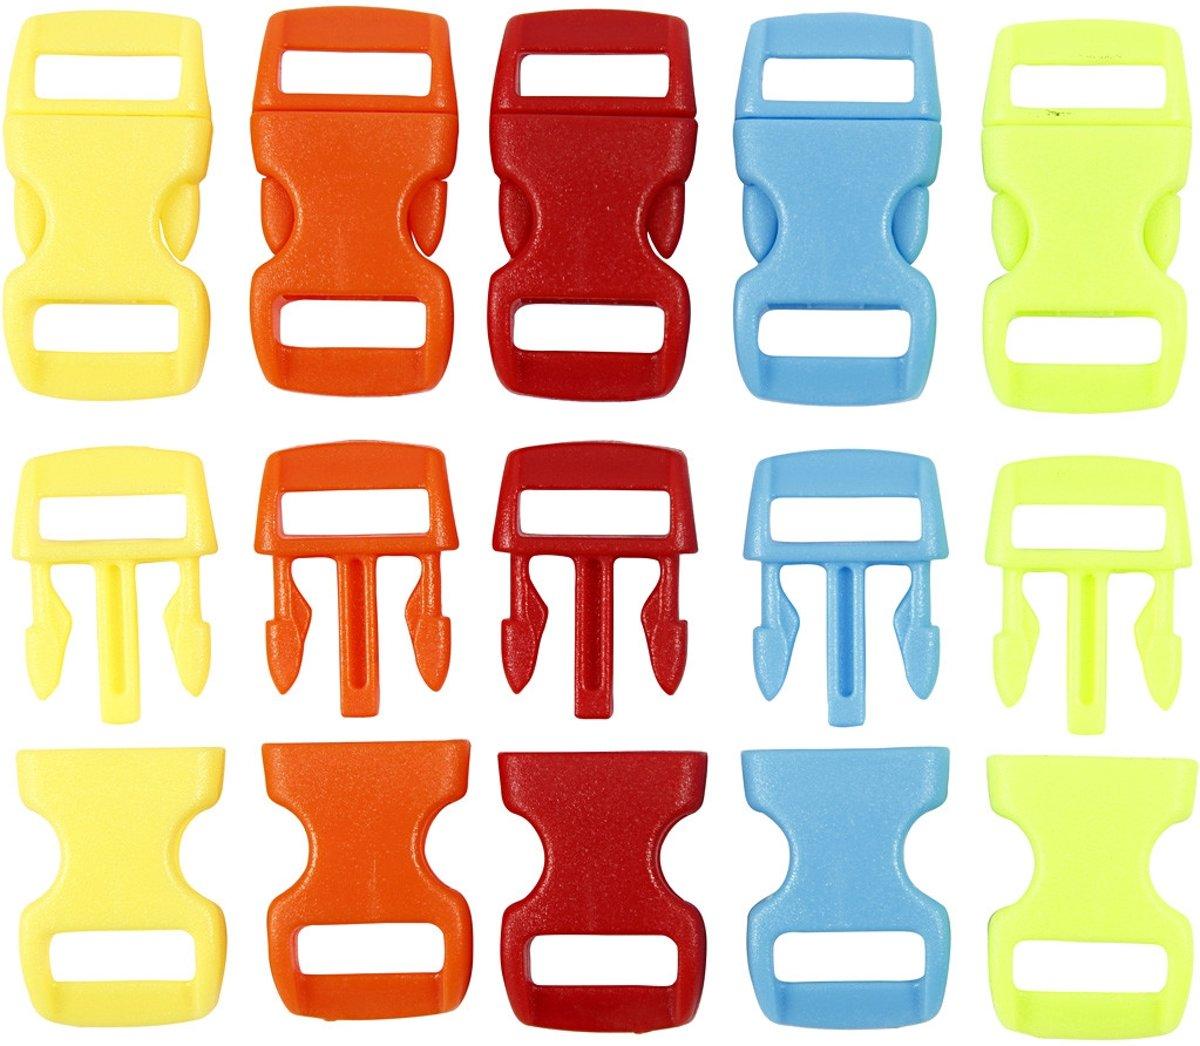 Klik sluiting, b: 15 mm, l: 29 mm, kleuren assorti, 100div, gatgrootte 3x11 mm [HOB-41621] kopen